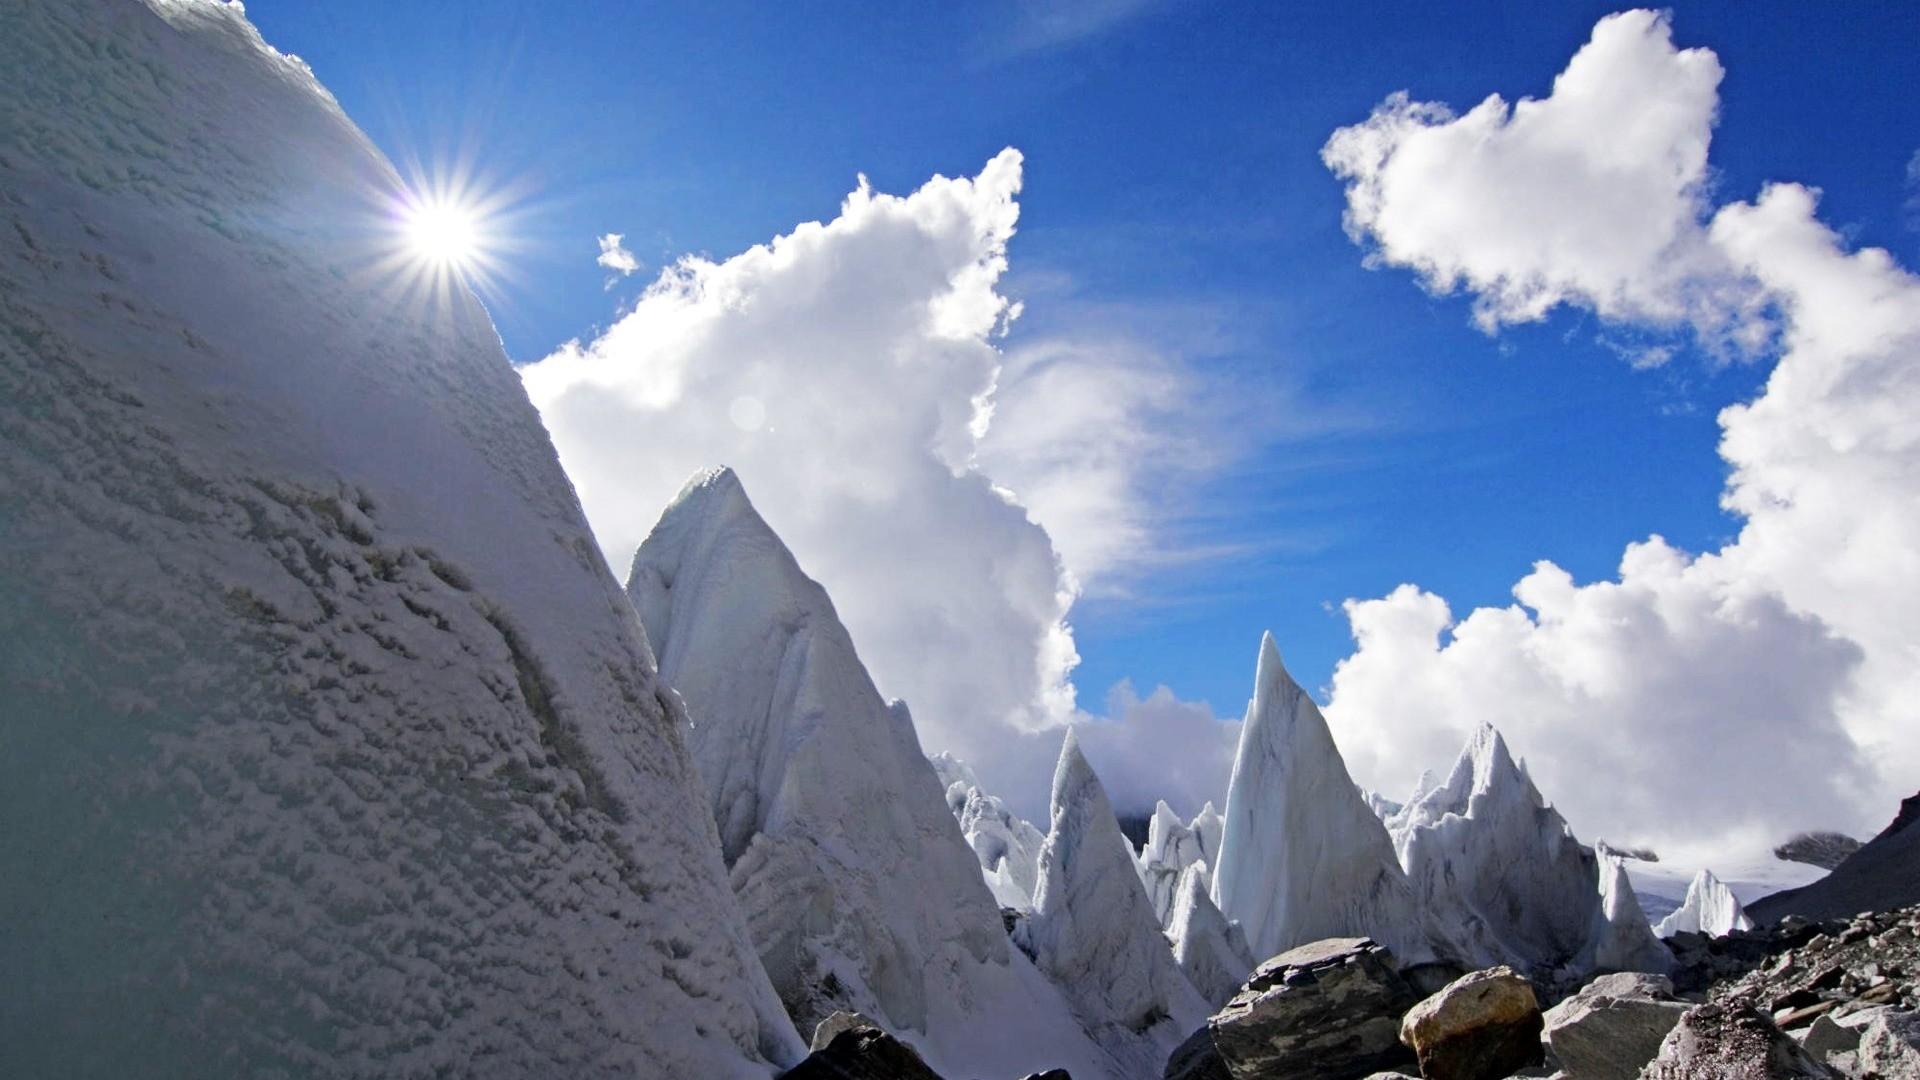 Himalayas Wallpaper 69 Images